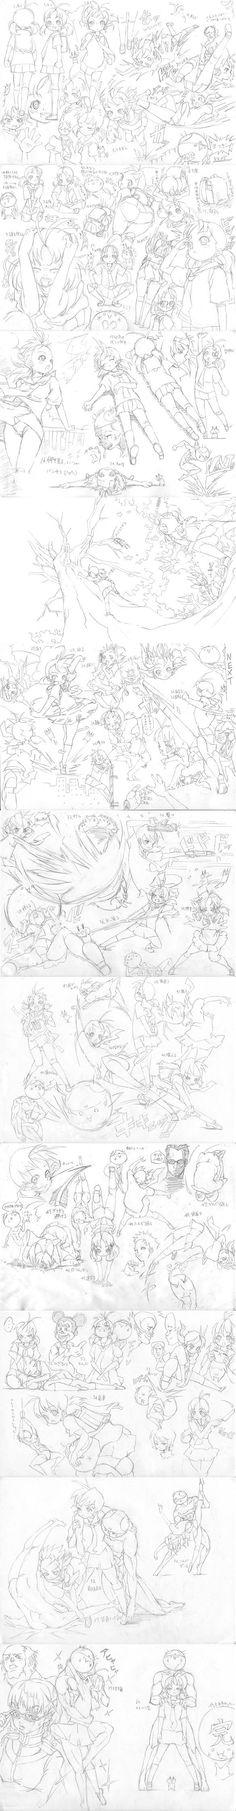 日本官方人物(资料1-3部全) 绘画教程...@yoja~采集到游戏角色03(1871图)_花瓣游戏